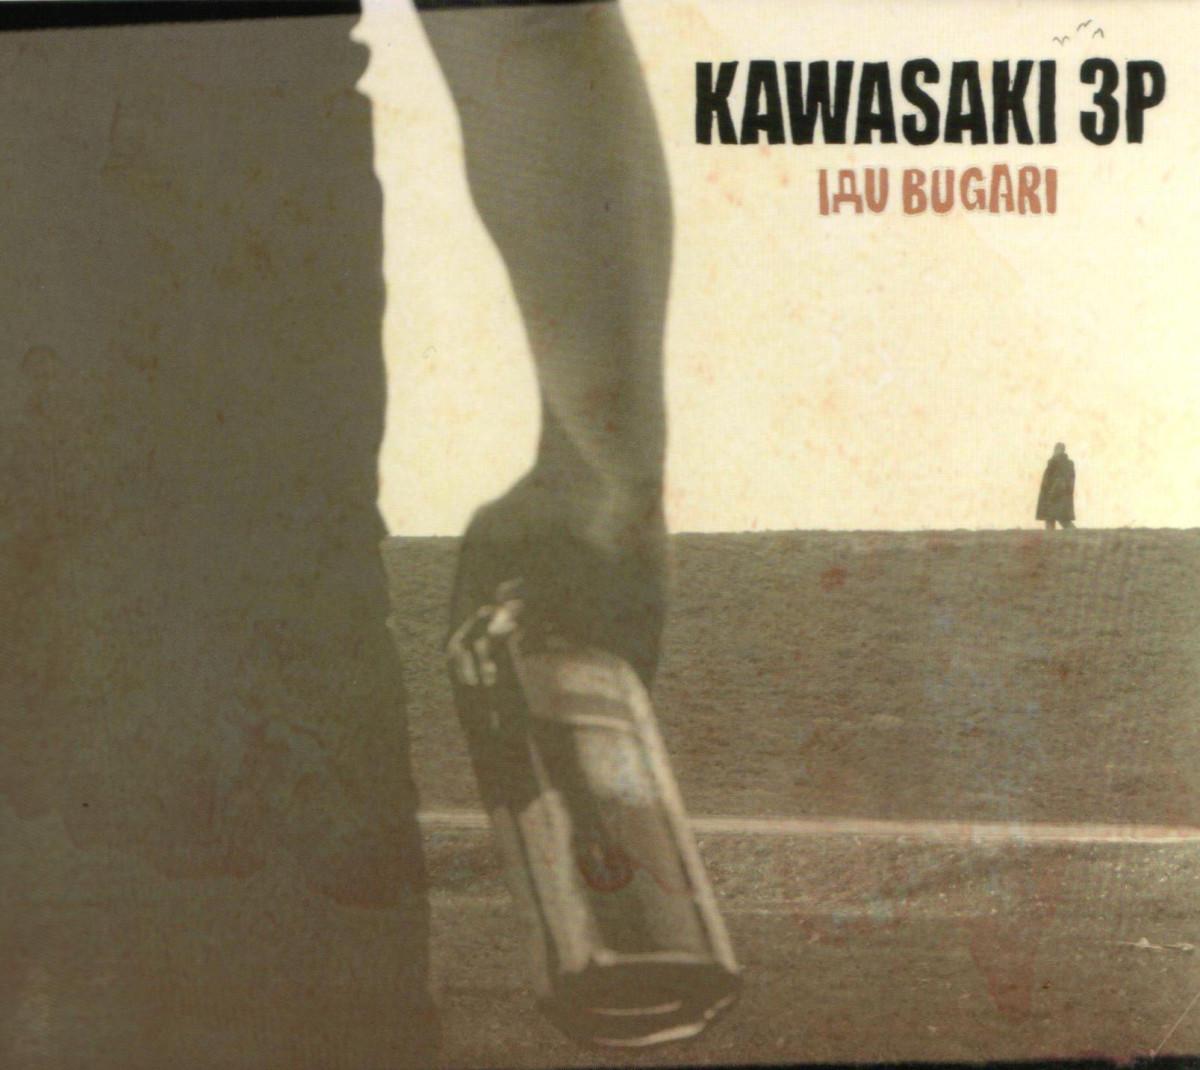 Kawasaki 3P Idu Bugari